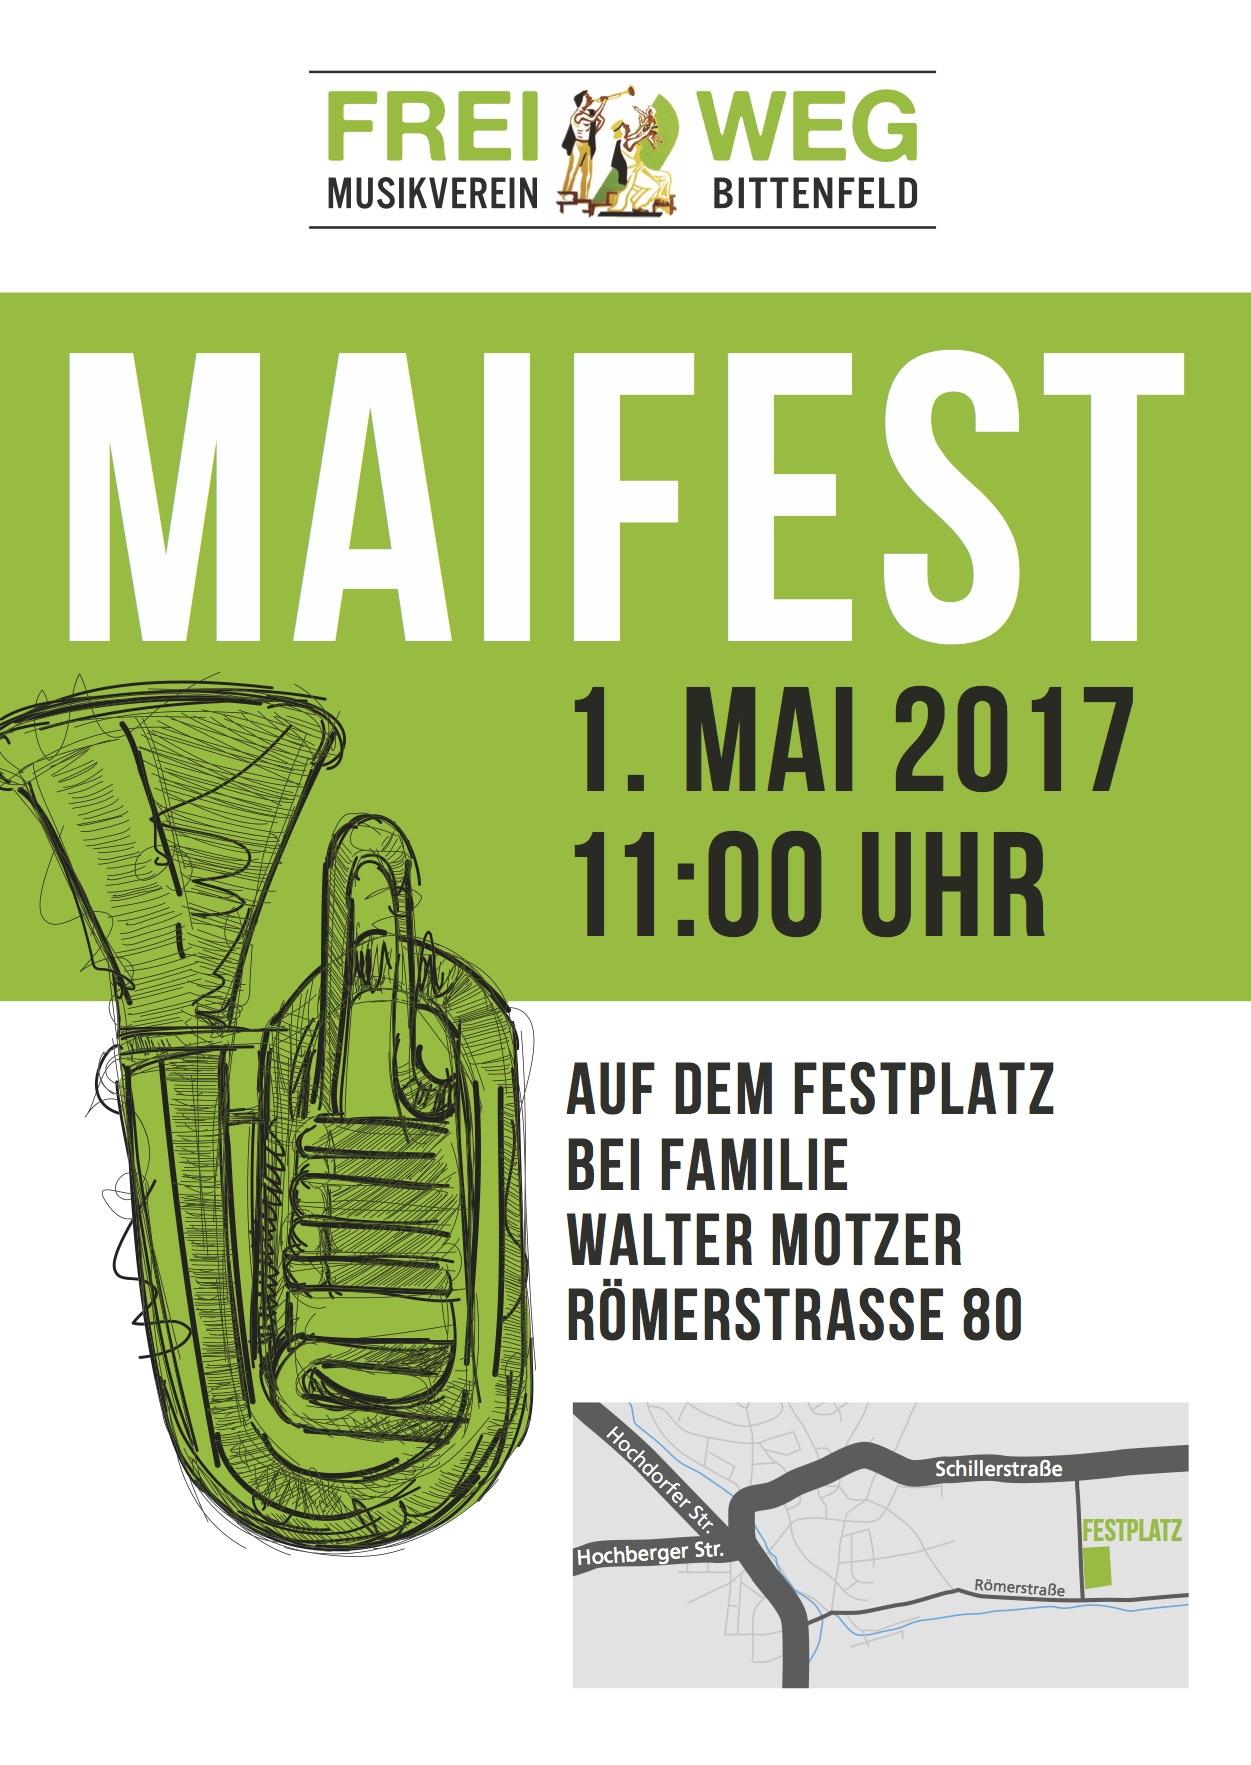 Maifest 2017 Musikverein Frei Weg Bittenfeld E V